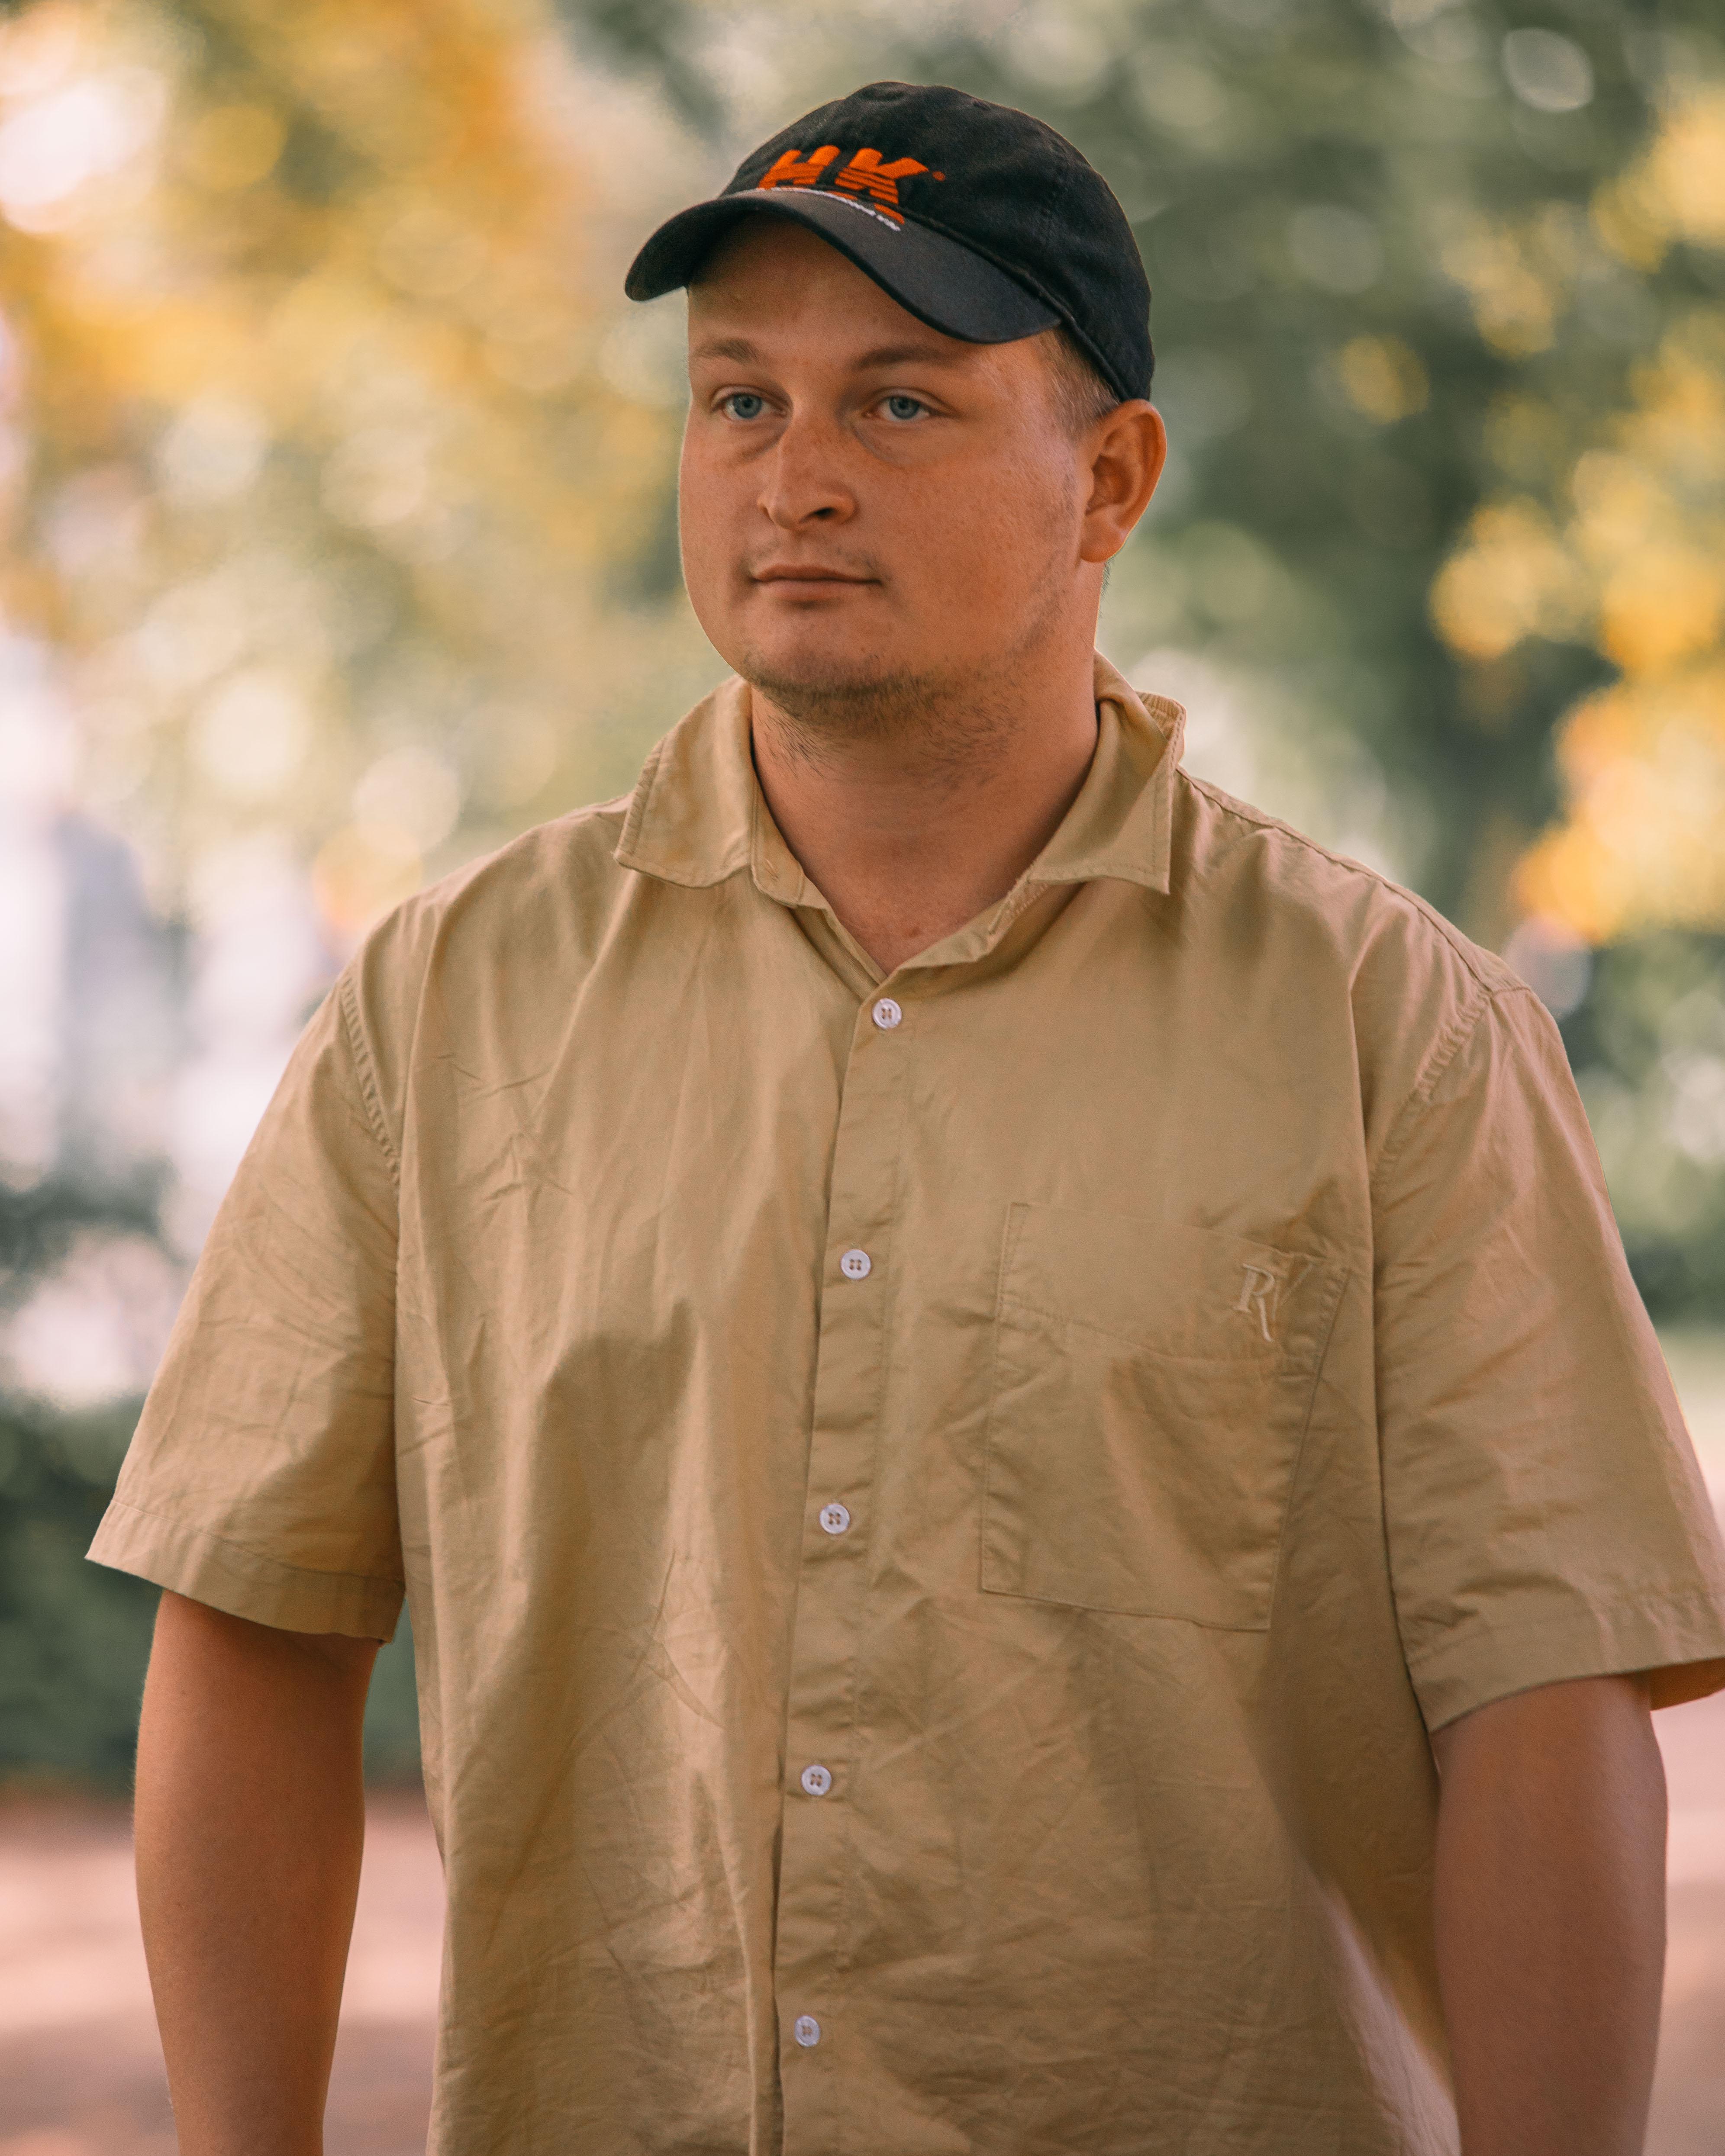 Jakob Ebbekær